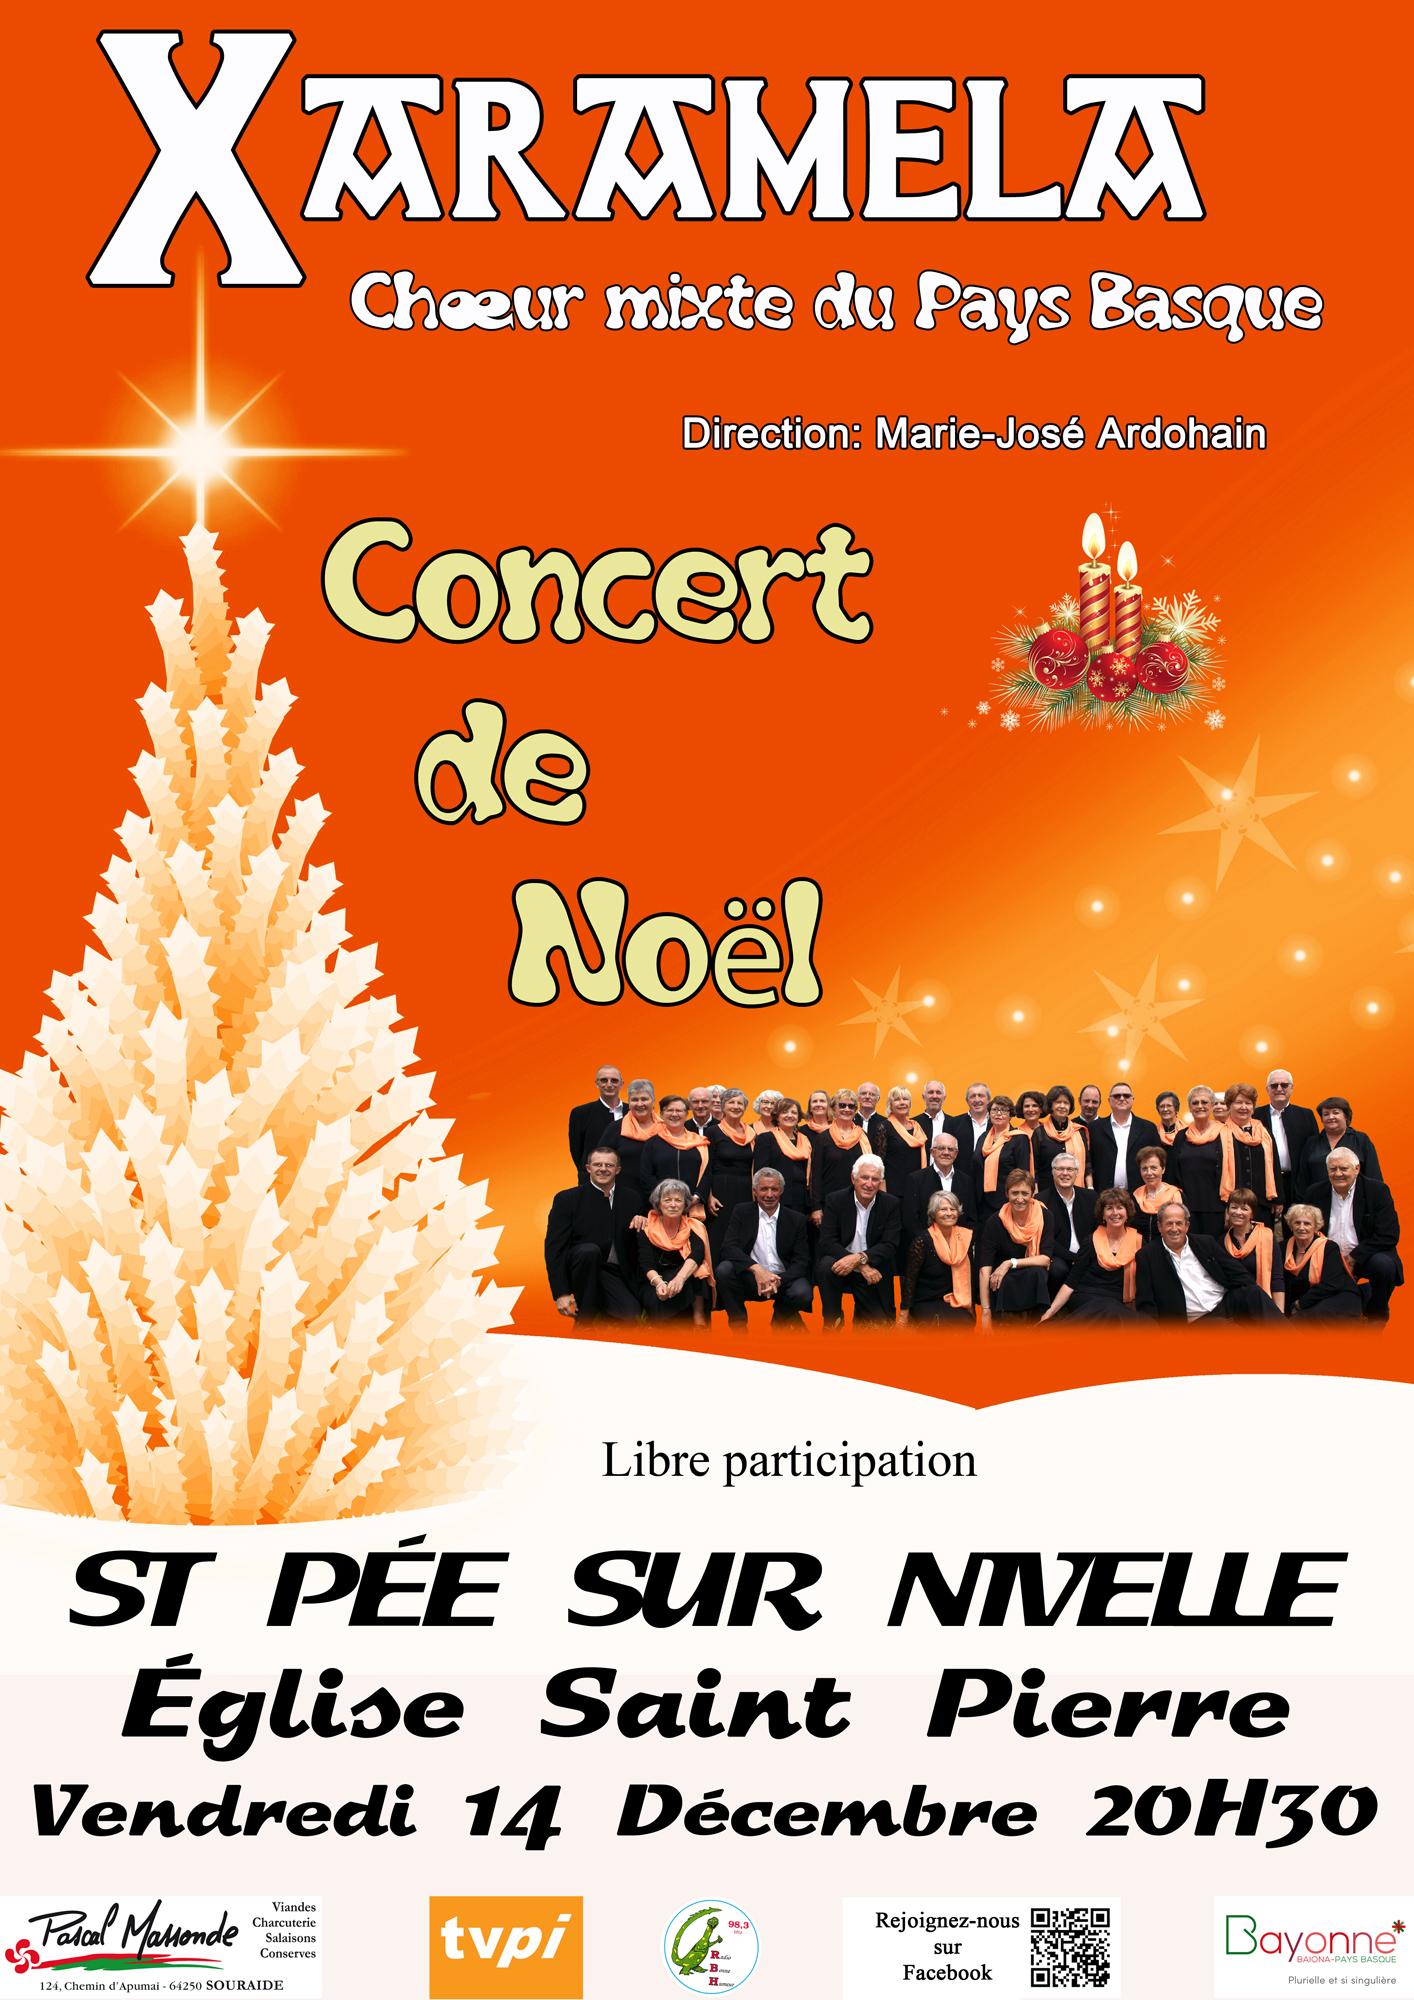 Concert de Noël du Choeur Xaramela le 14 décembre 2018 à Saint-Pée-sur-Nivelle (64)